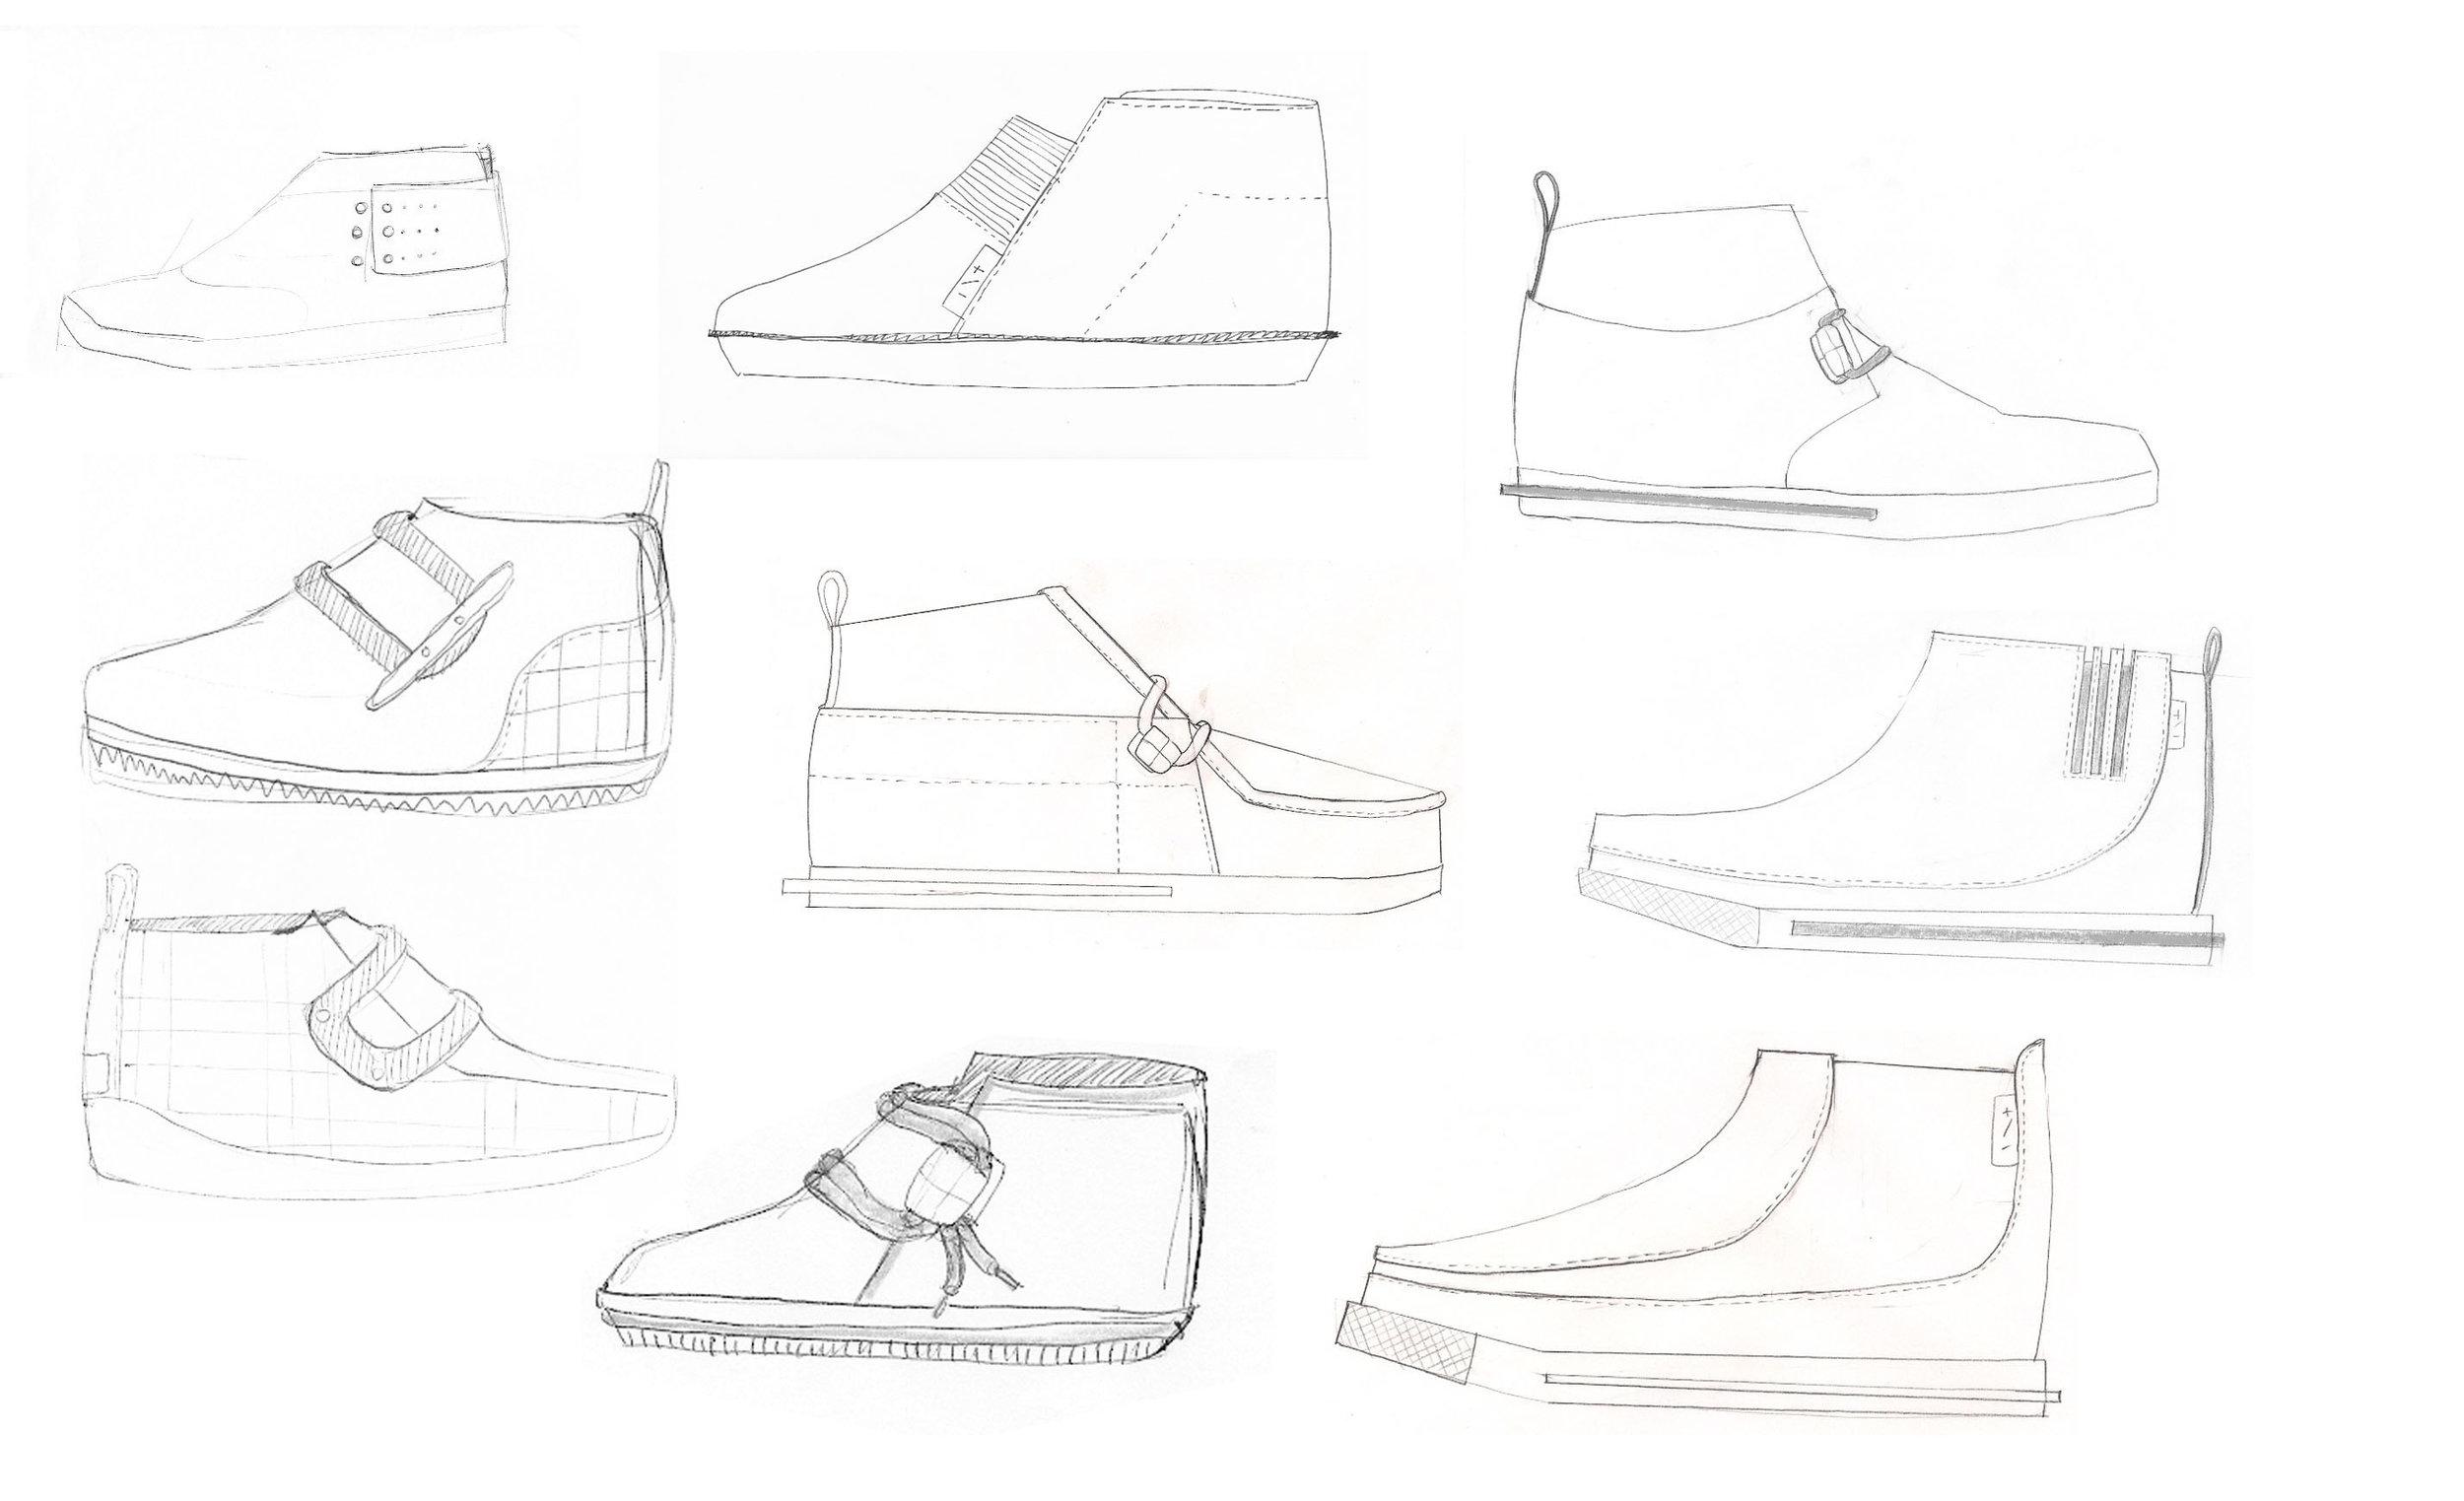 sketch-composite-for-port_2856.jpg